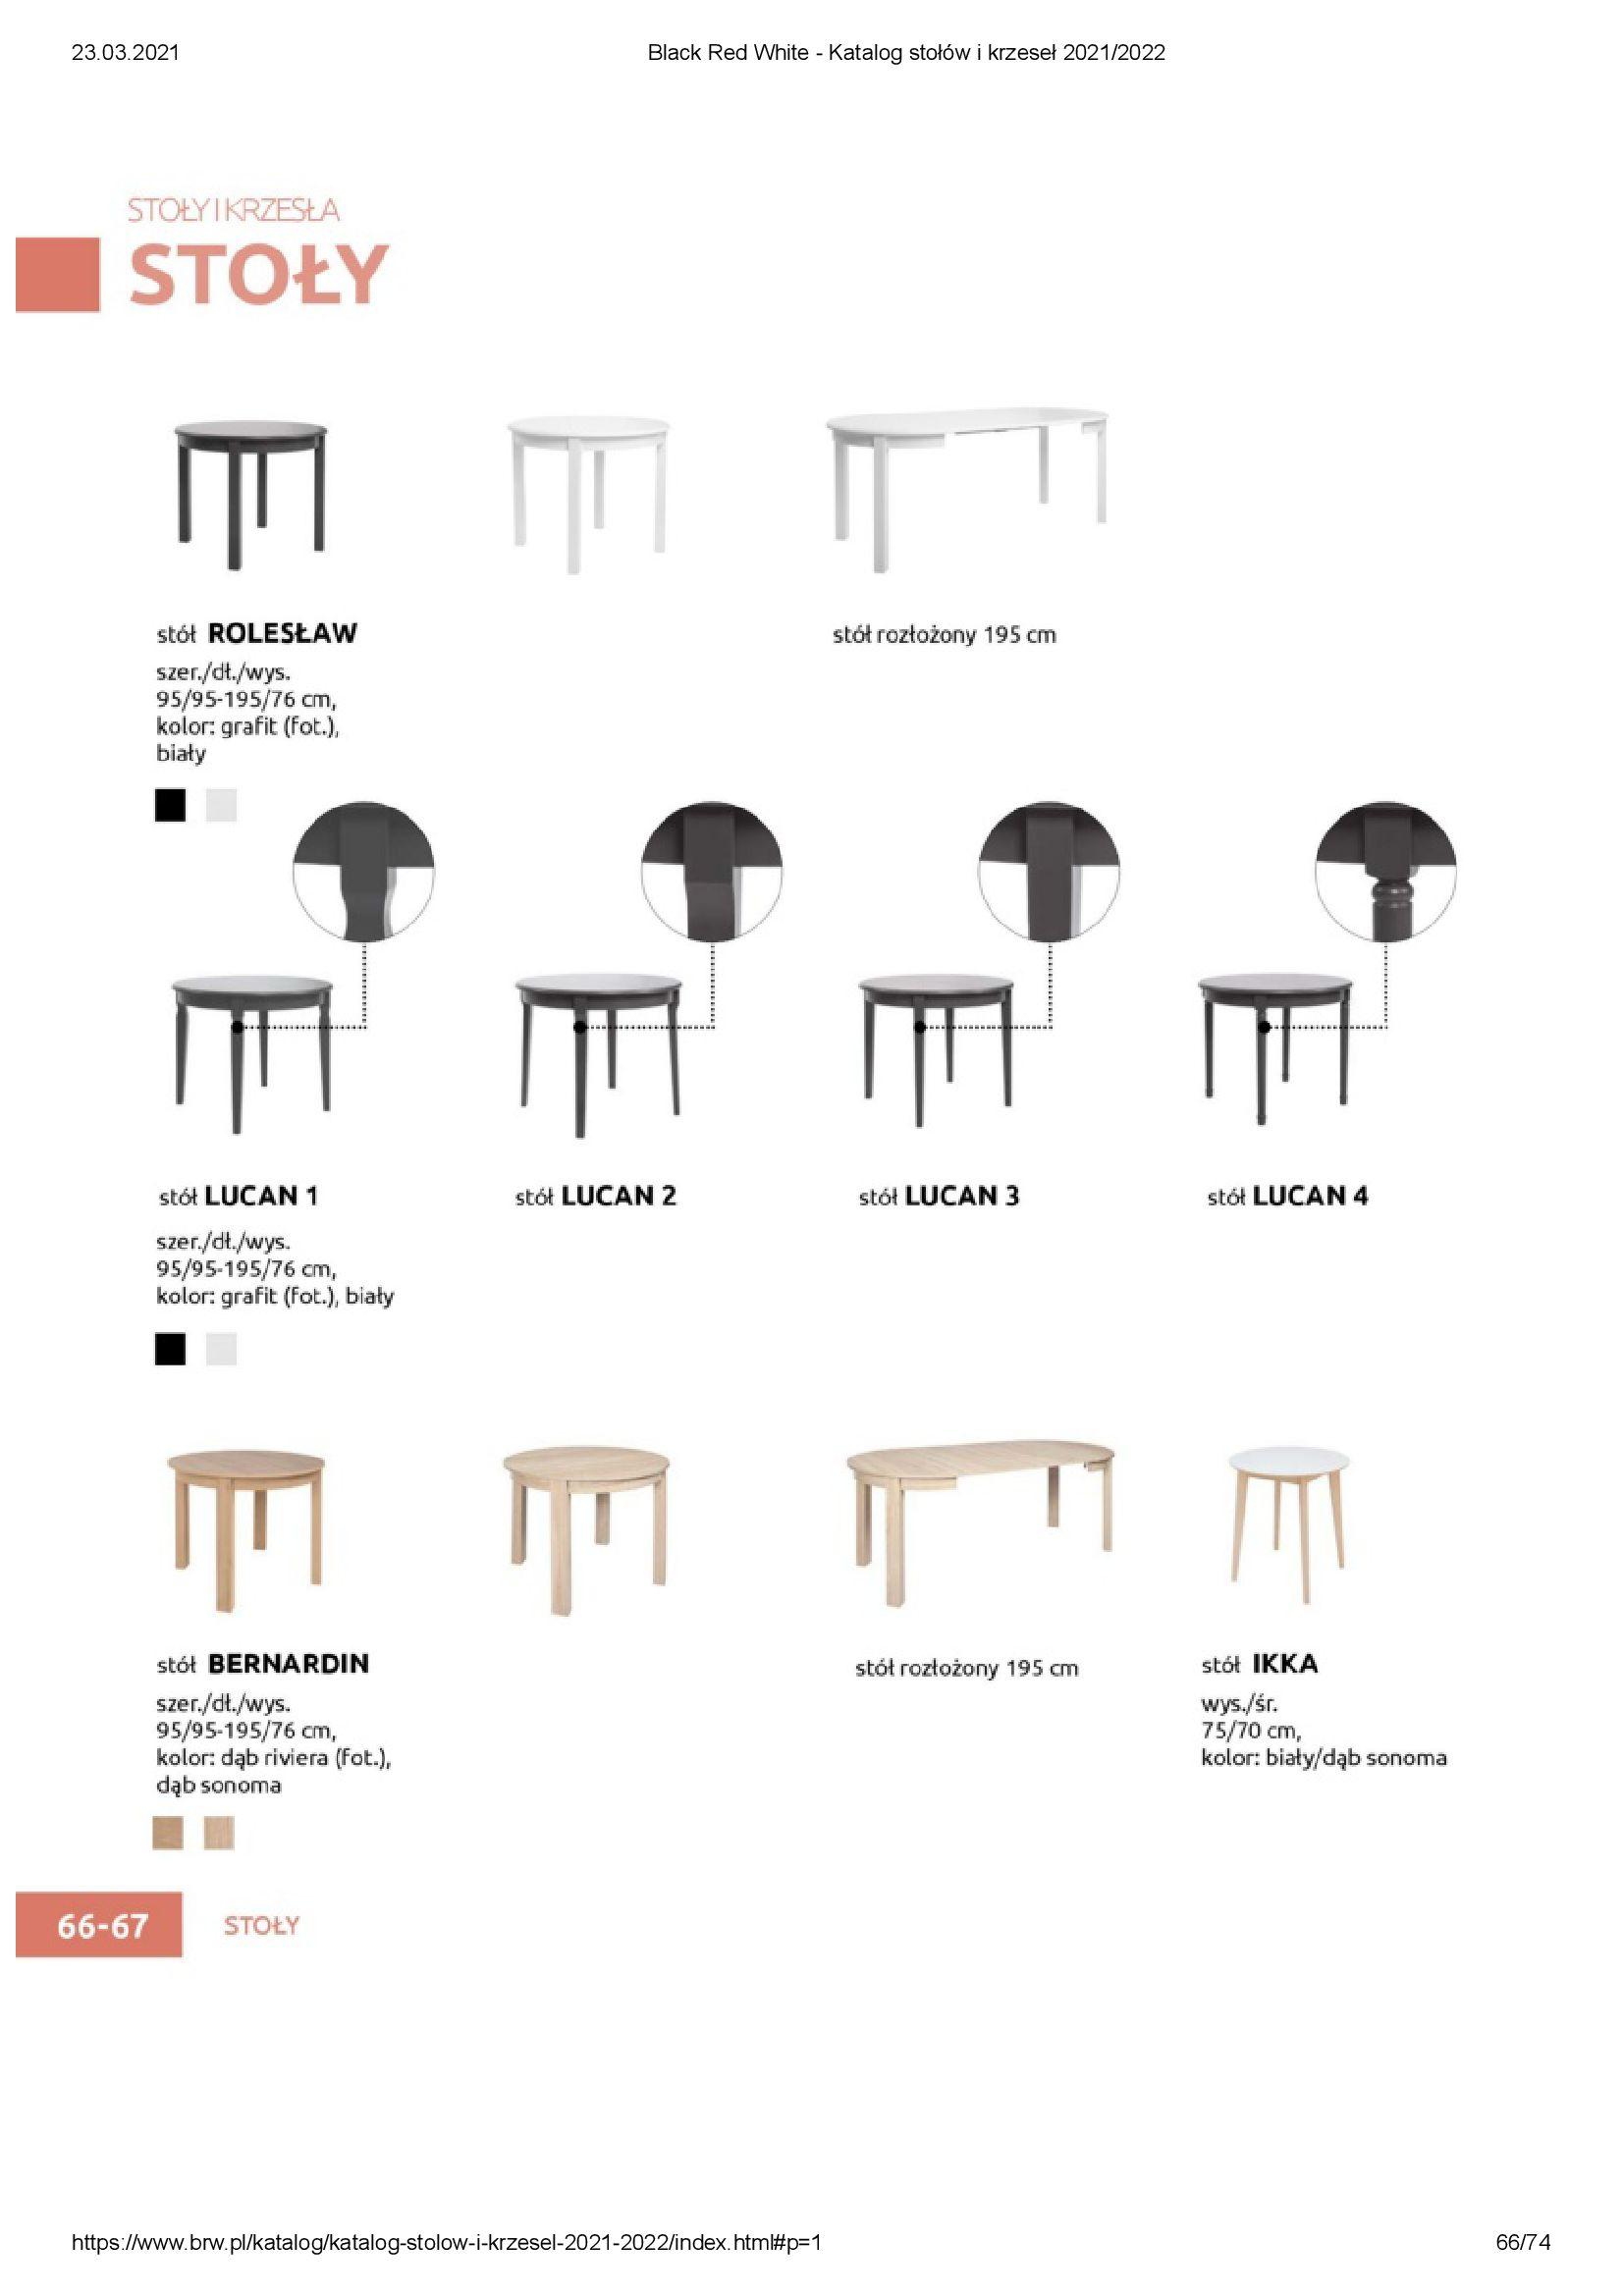 Gazetka Black Red White: Katalog stołów i krzeseł 2021-03-23 page-66